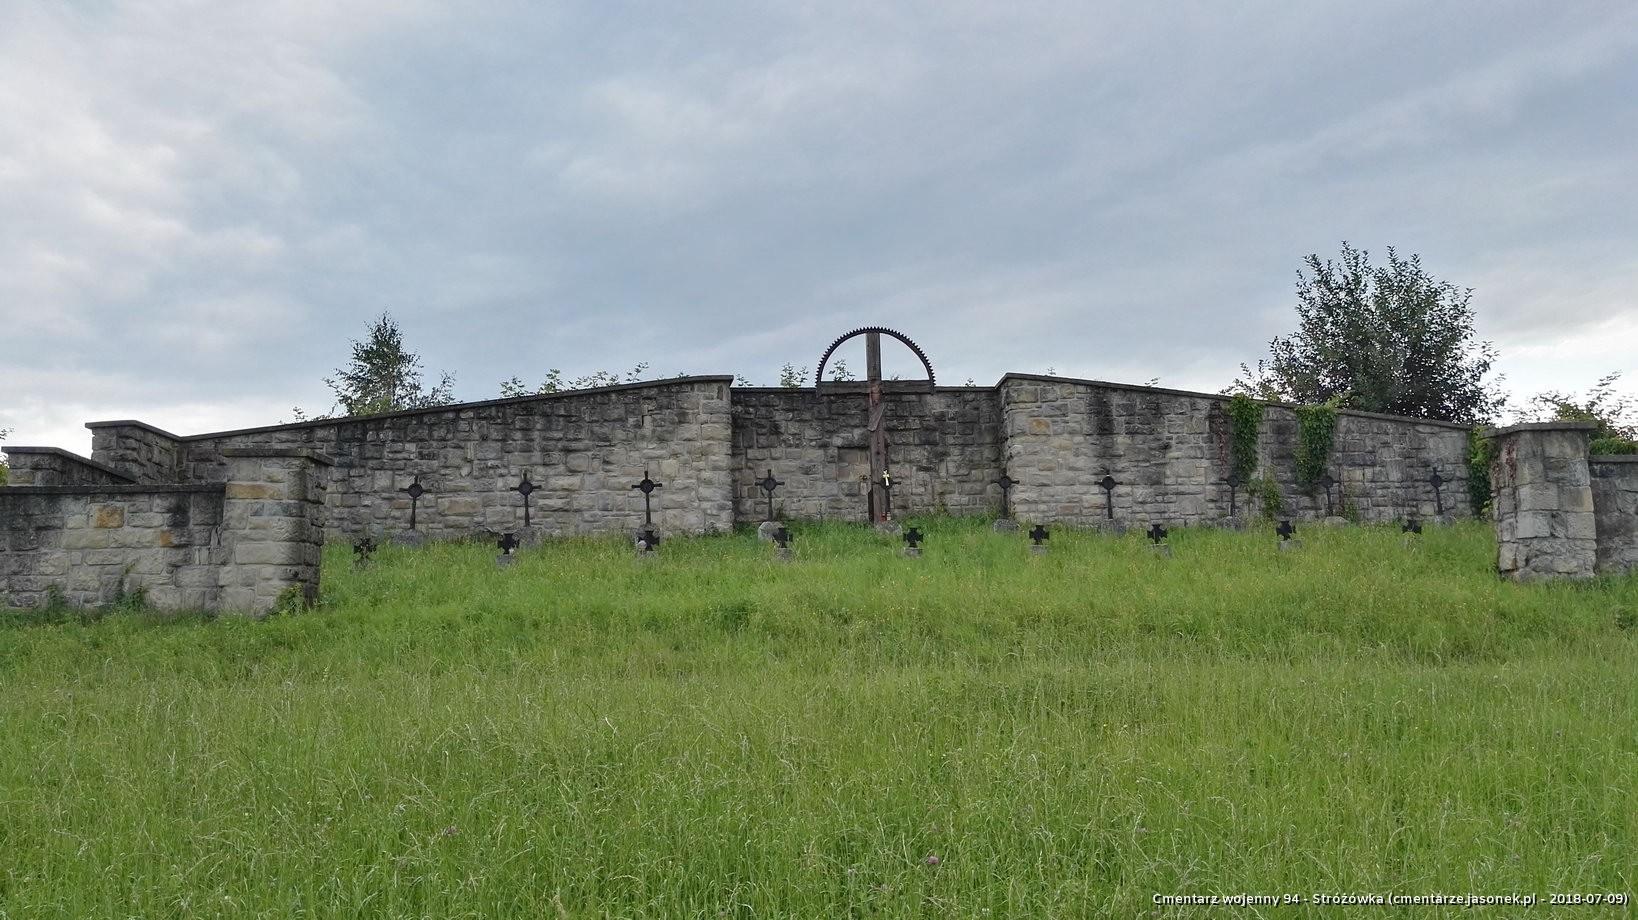 Cmentarz wojenny 94 - Stróżówka